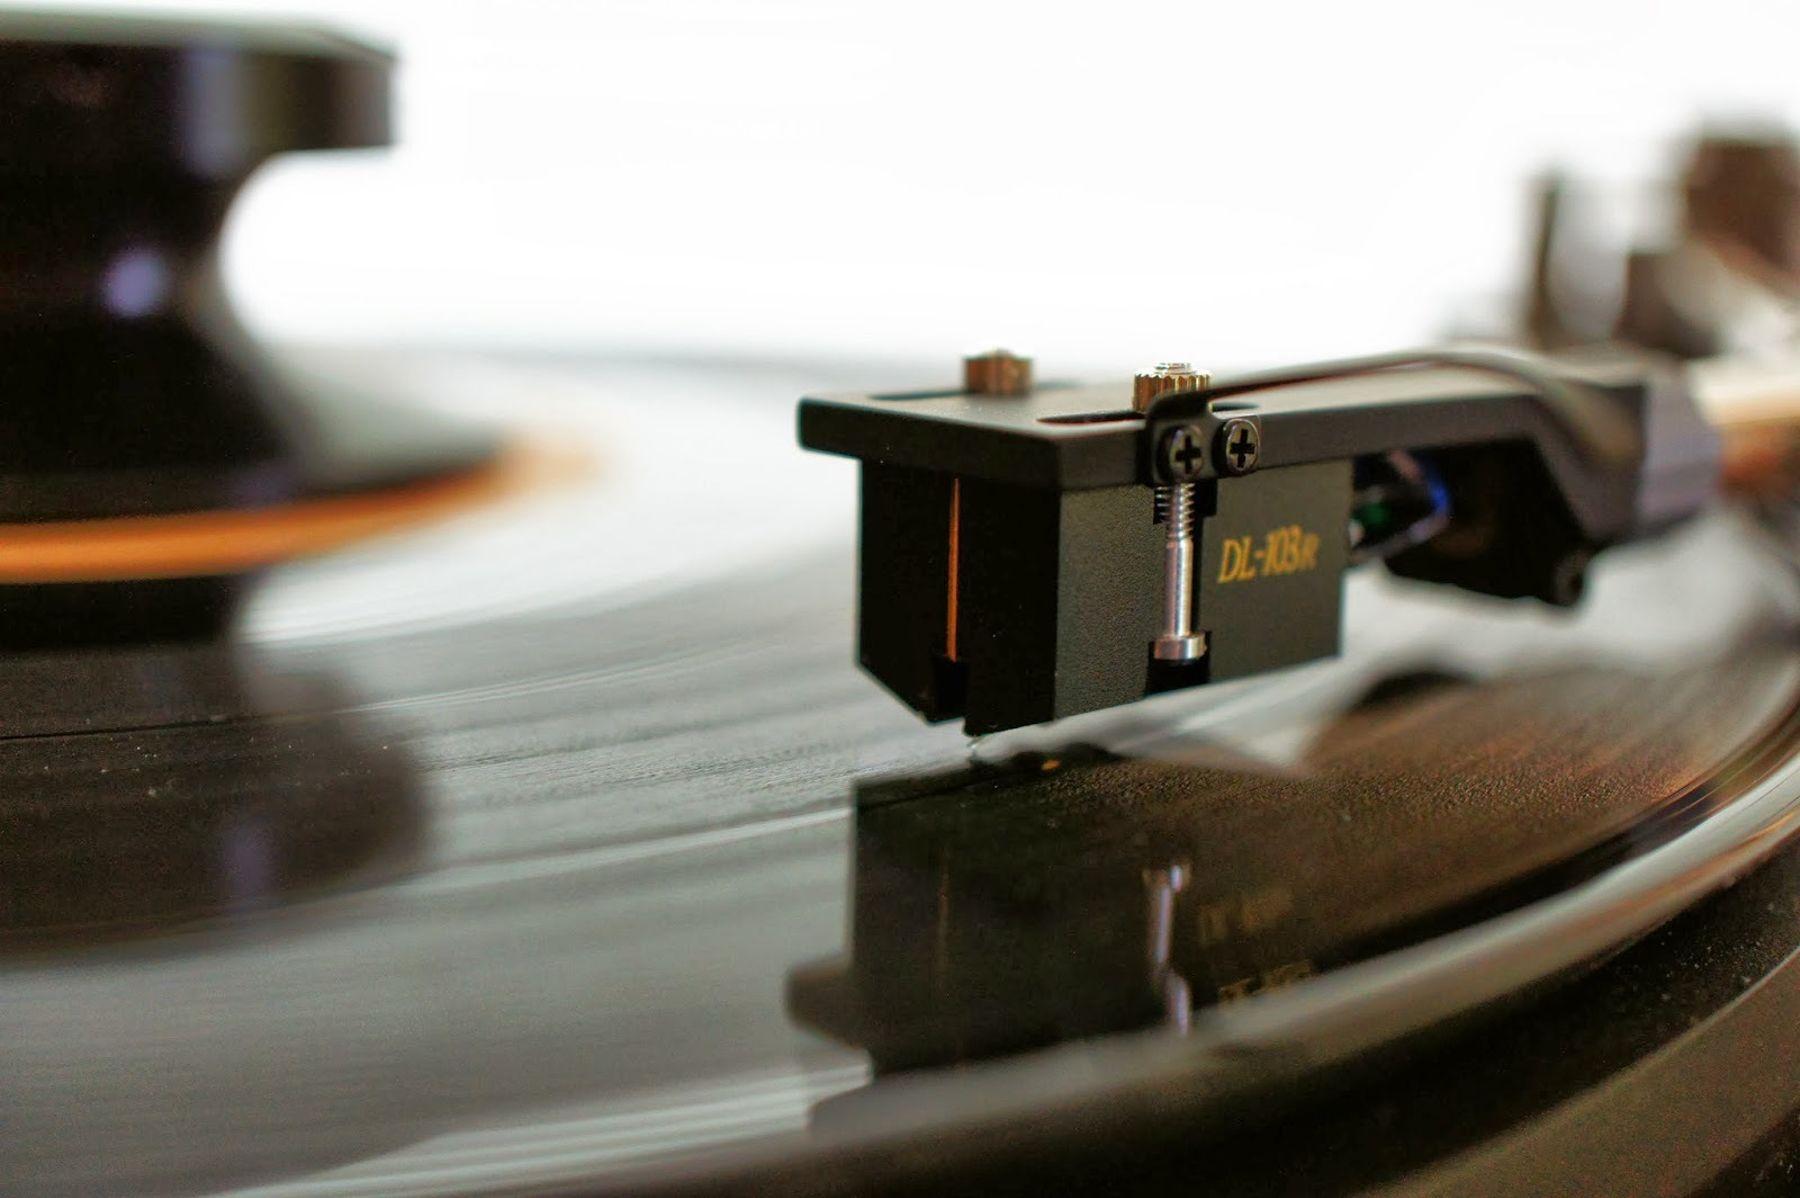 Denon DL-103R - Jordan Acoustics